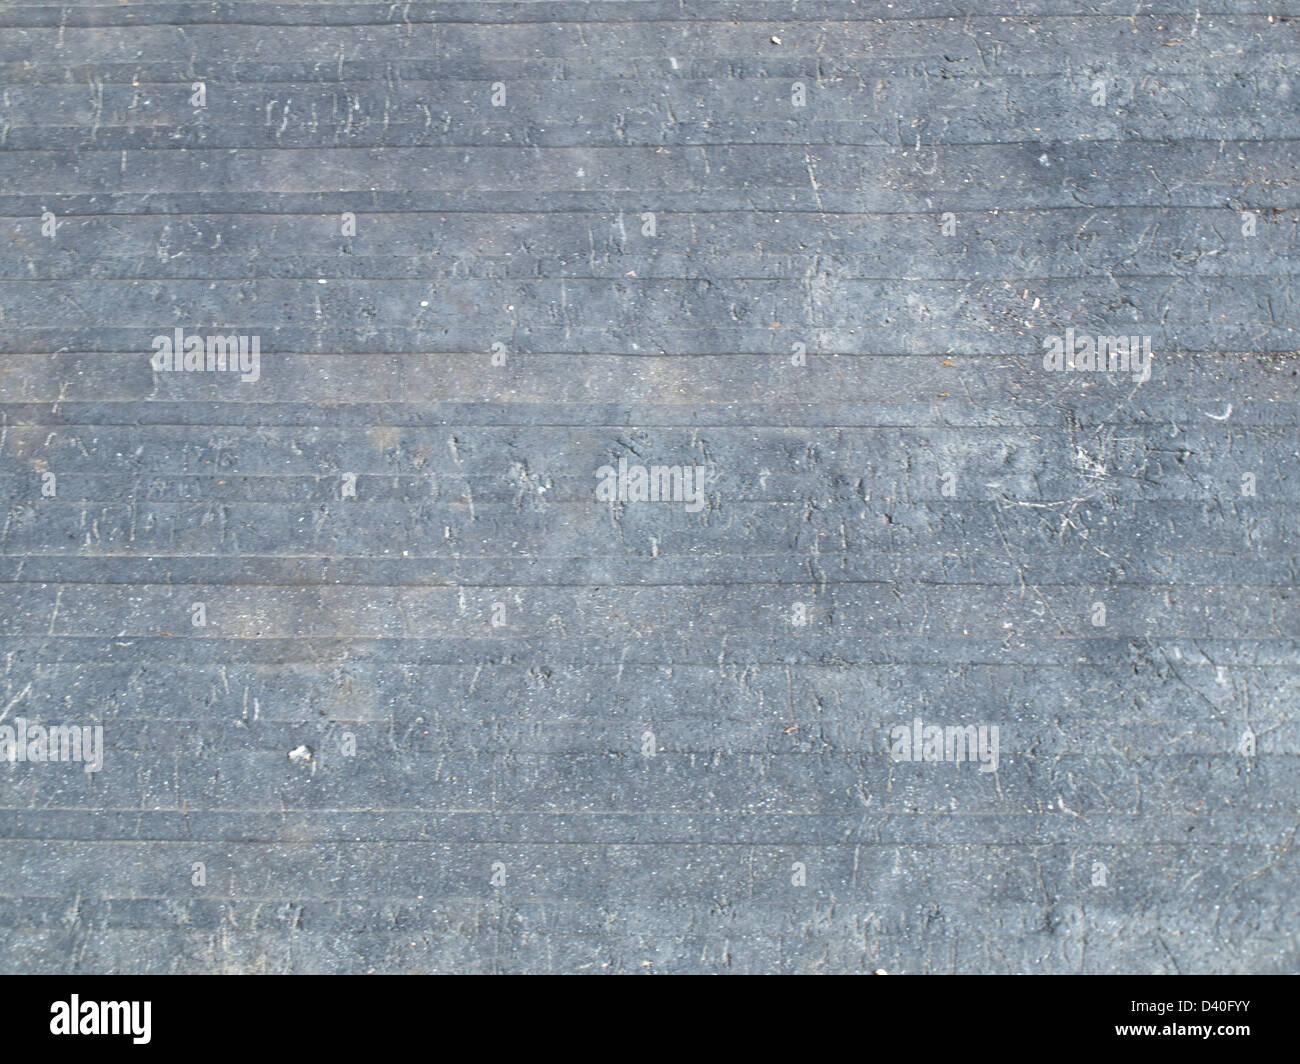 Kautschuk Boden kautschuk boden textur als hintergrund stockfoto bild 54102271 alamy